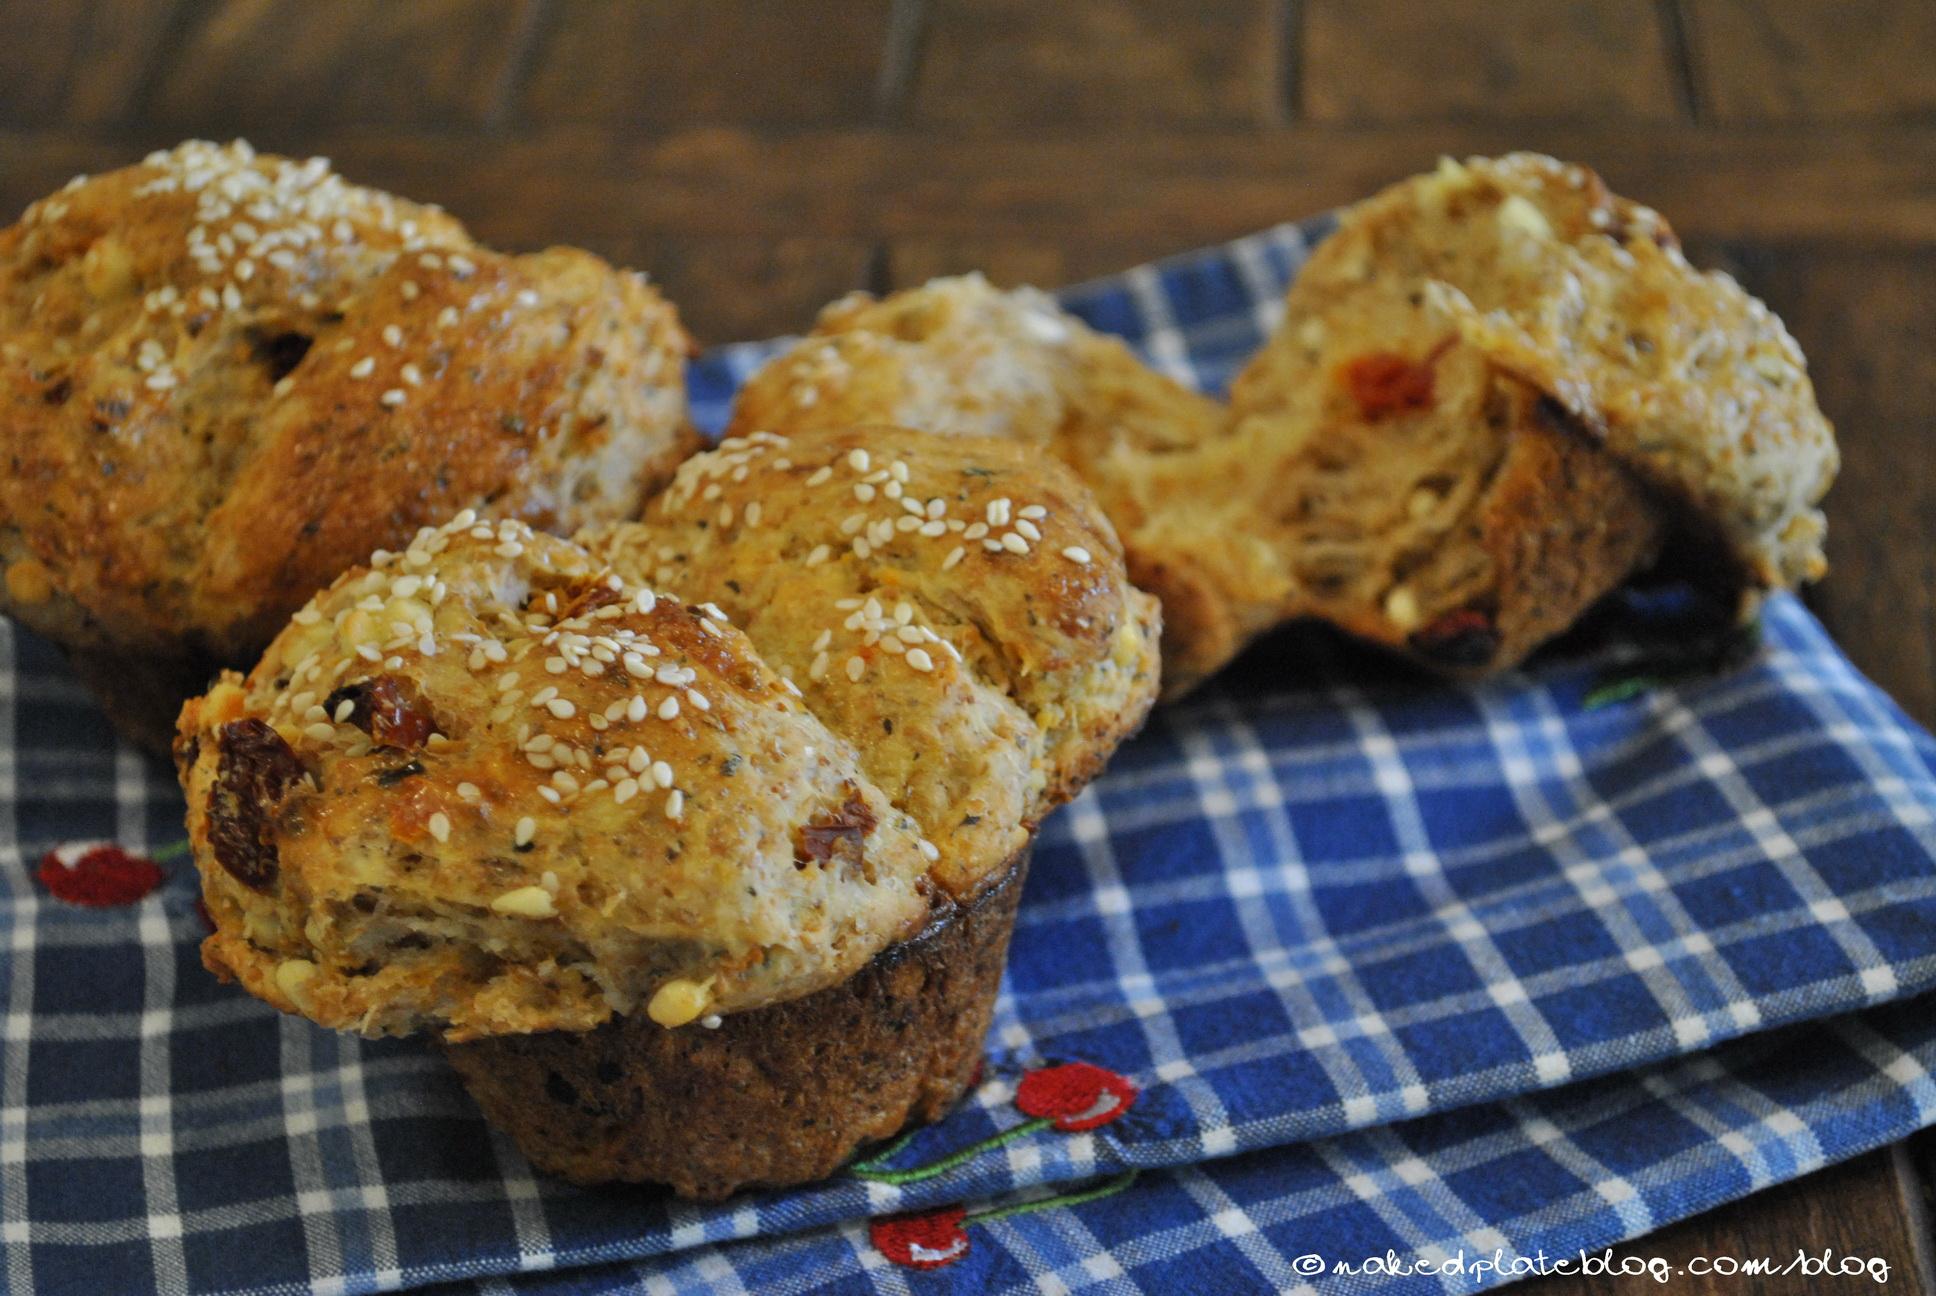 Muffinbread